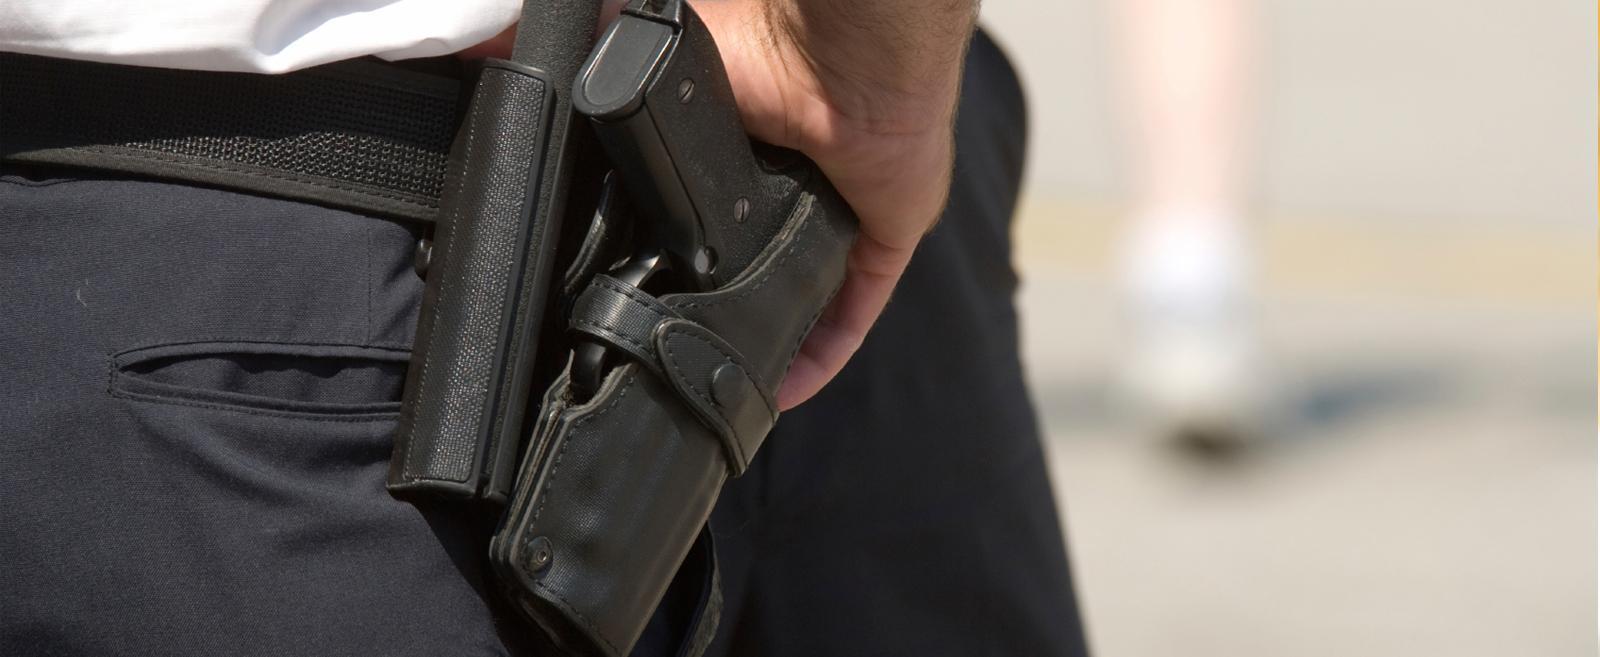 На Печерську затримали агресивного чоловіка в аптеці - хуліганські дії, пістолет, охорона, зброя, аптека - vooruzhennaya ohrana1